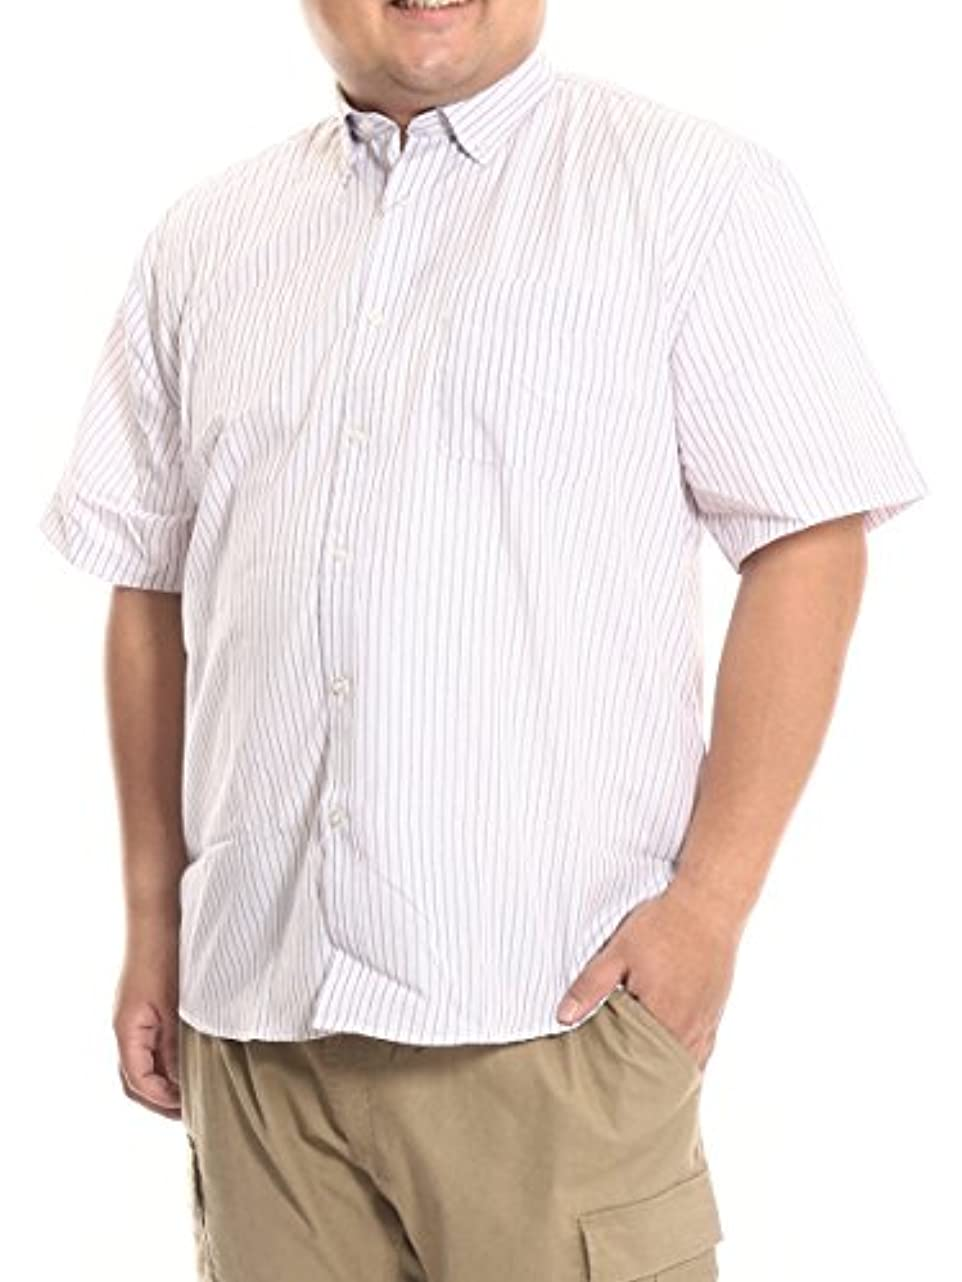 電話宿泊施設ペンス(ビーアンドティークラブ) B&T CLUB 大きいサイズ メンズ ドライ ストライプ柄 ボタンダウン 半袖 シャツ C / X1